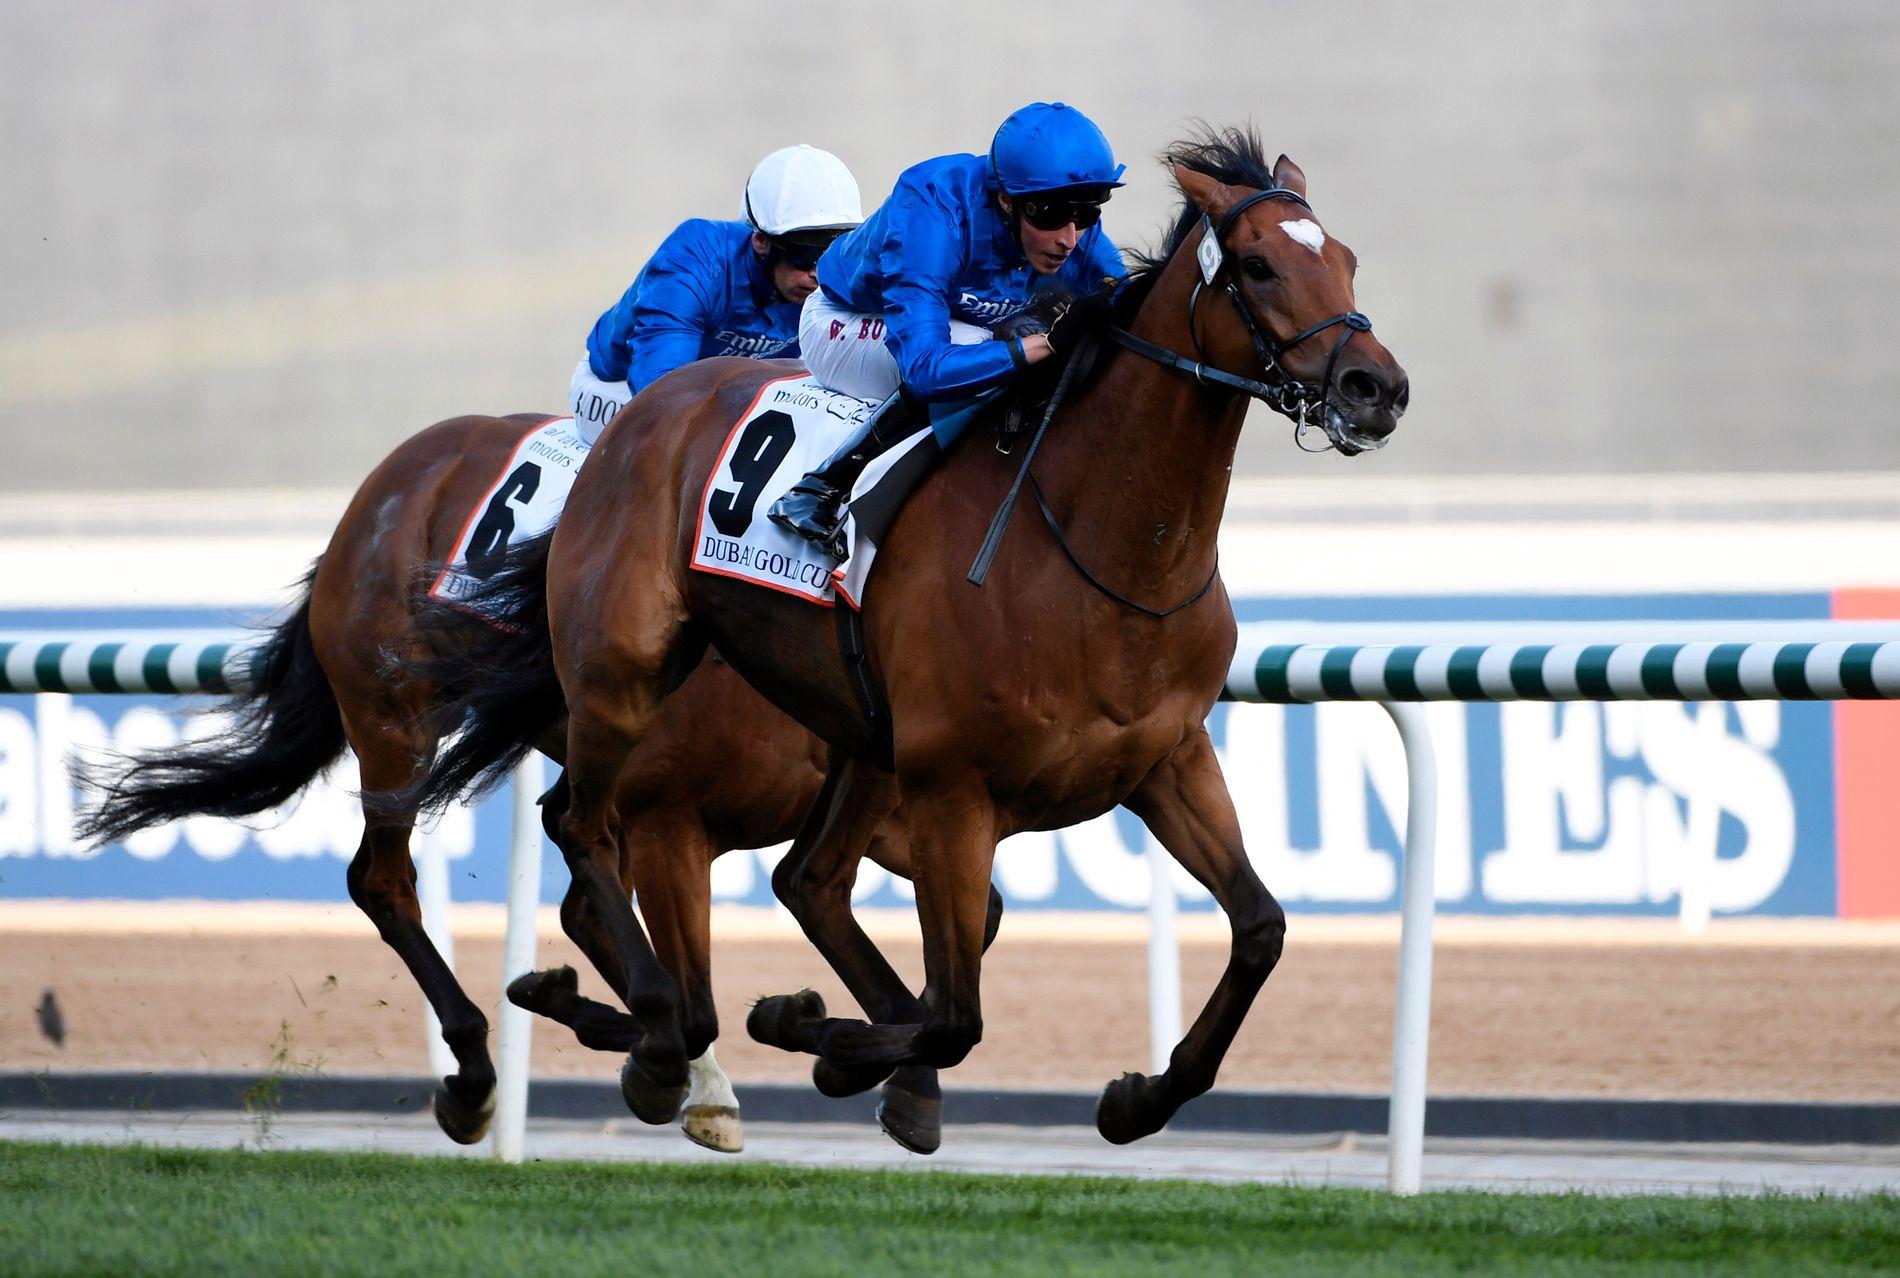 SEIER: William Buick vinner lørdagens Dubai Gold Cup med Cross Counter.